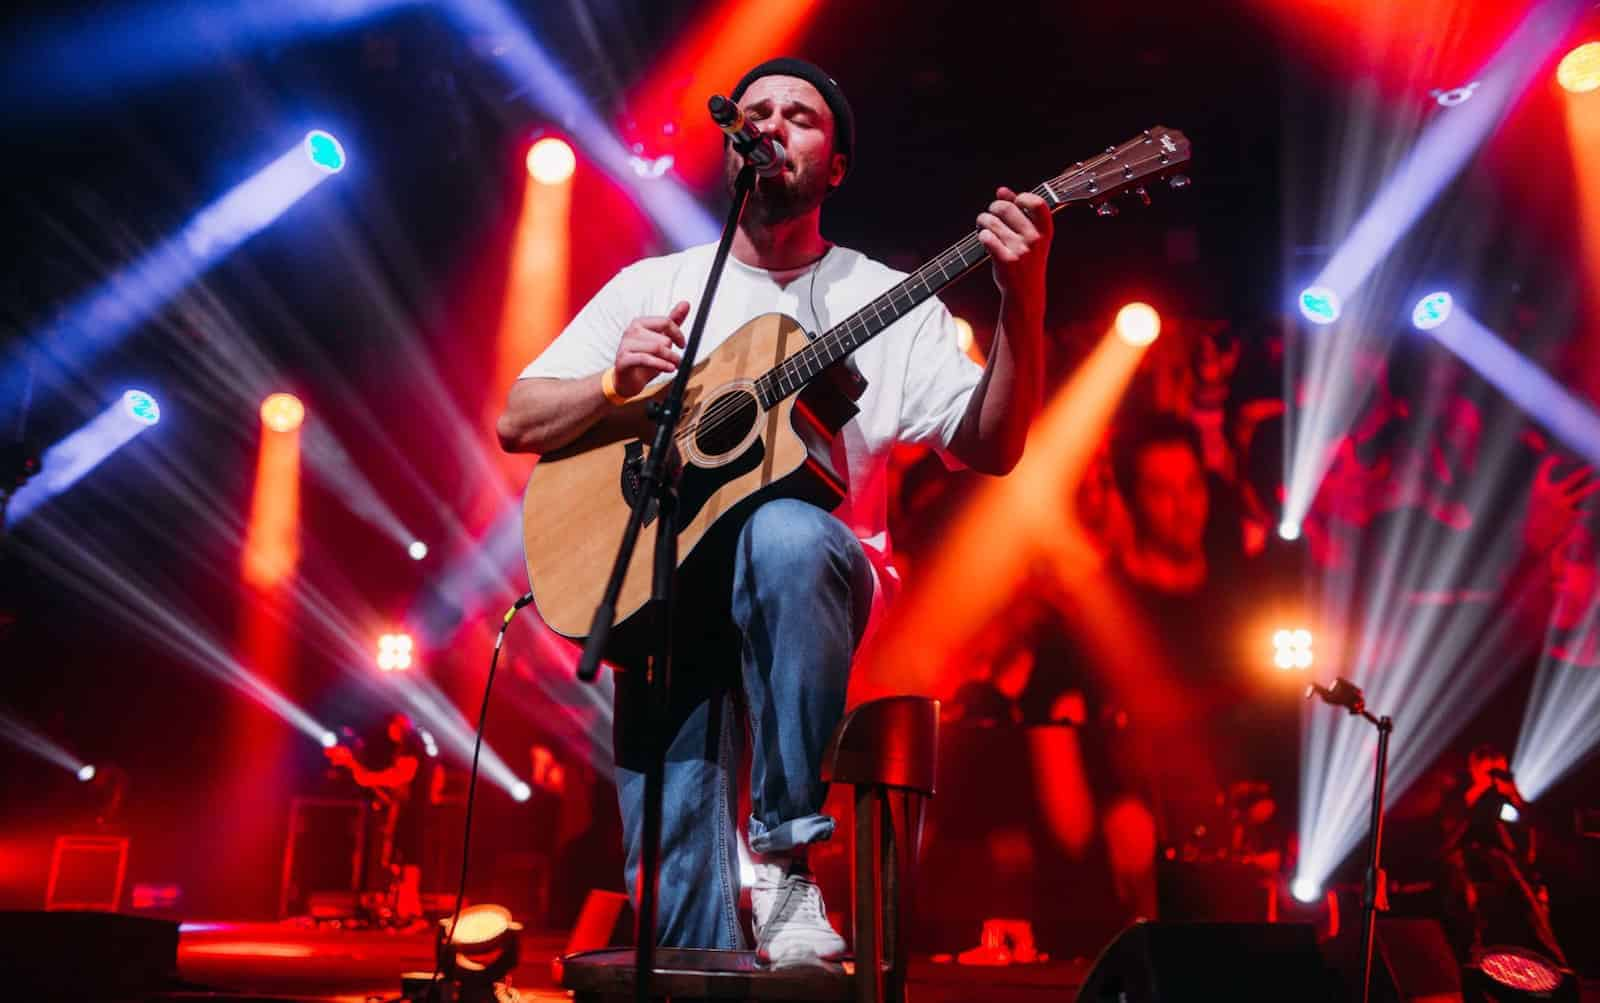 Концерт Макса Коржа в Москве 31 августа 2019